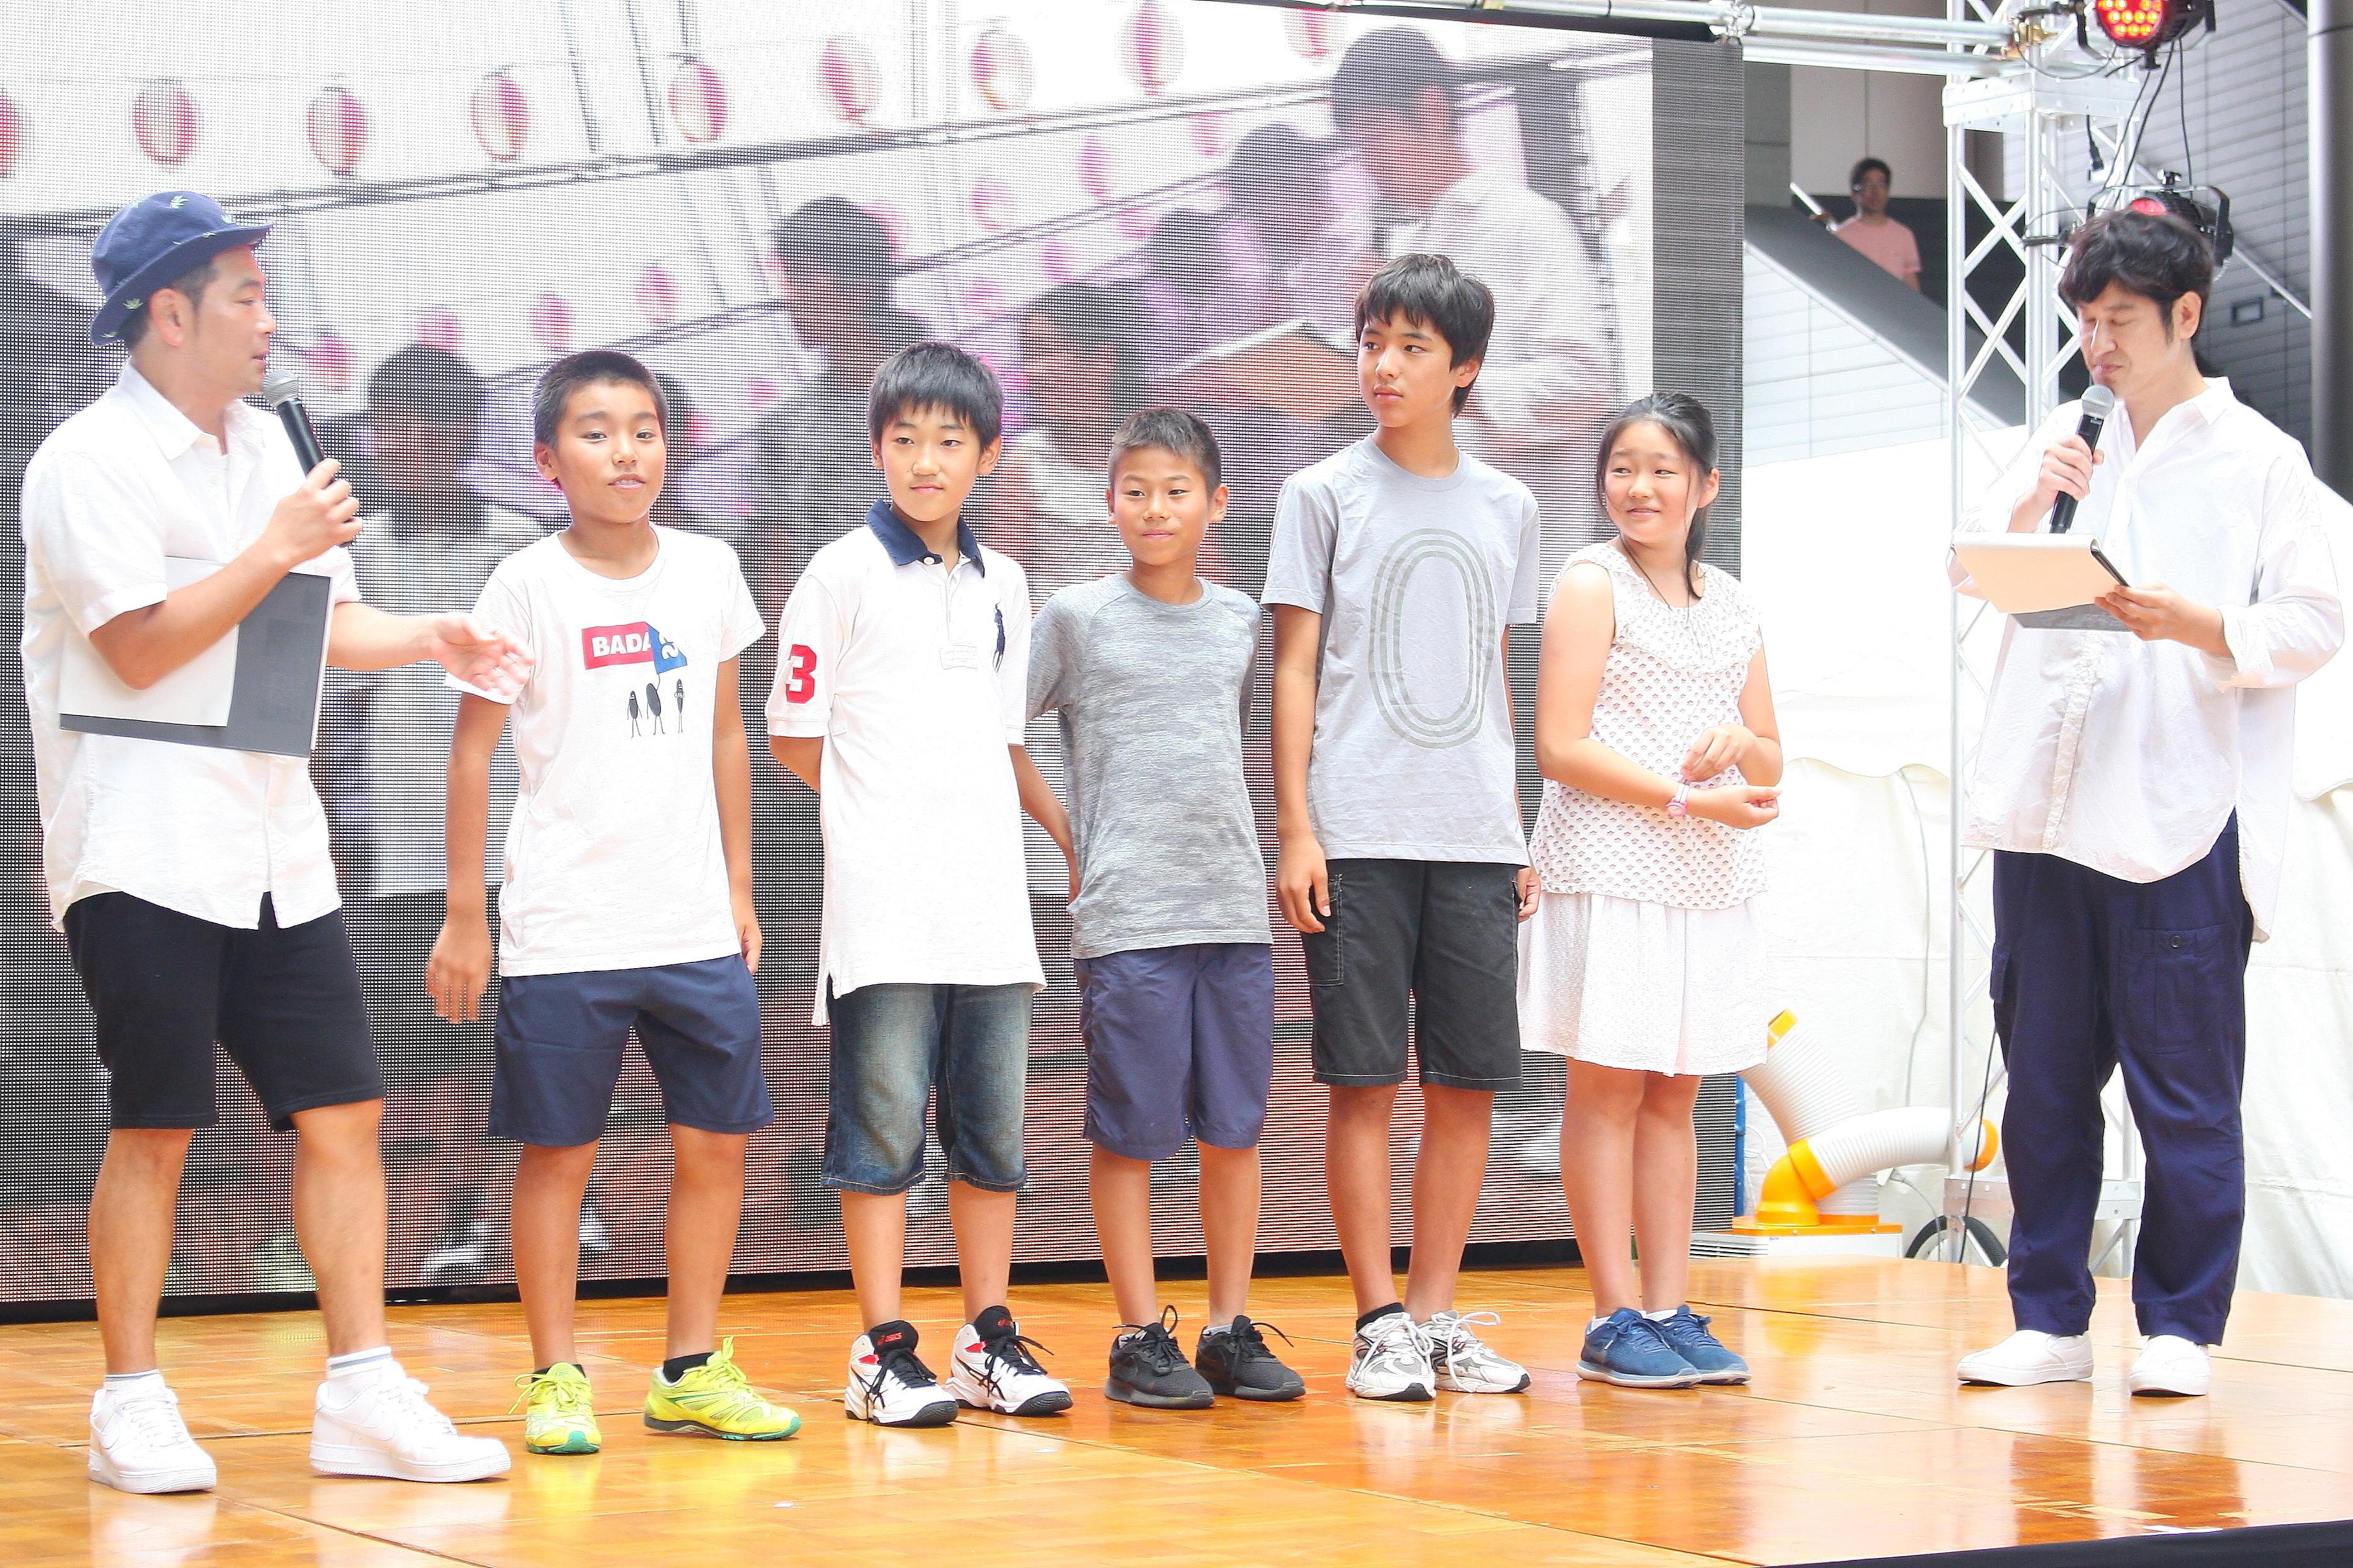 http://news.yoshimoto.co.jp/20180730143339-844203439050e6549161f670a709747159f0c9bf.jpg